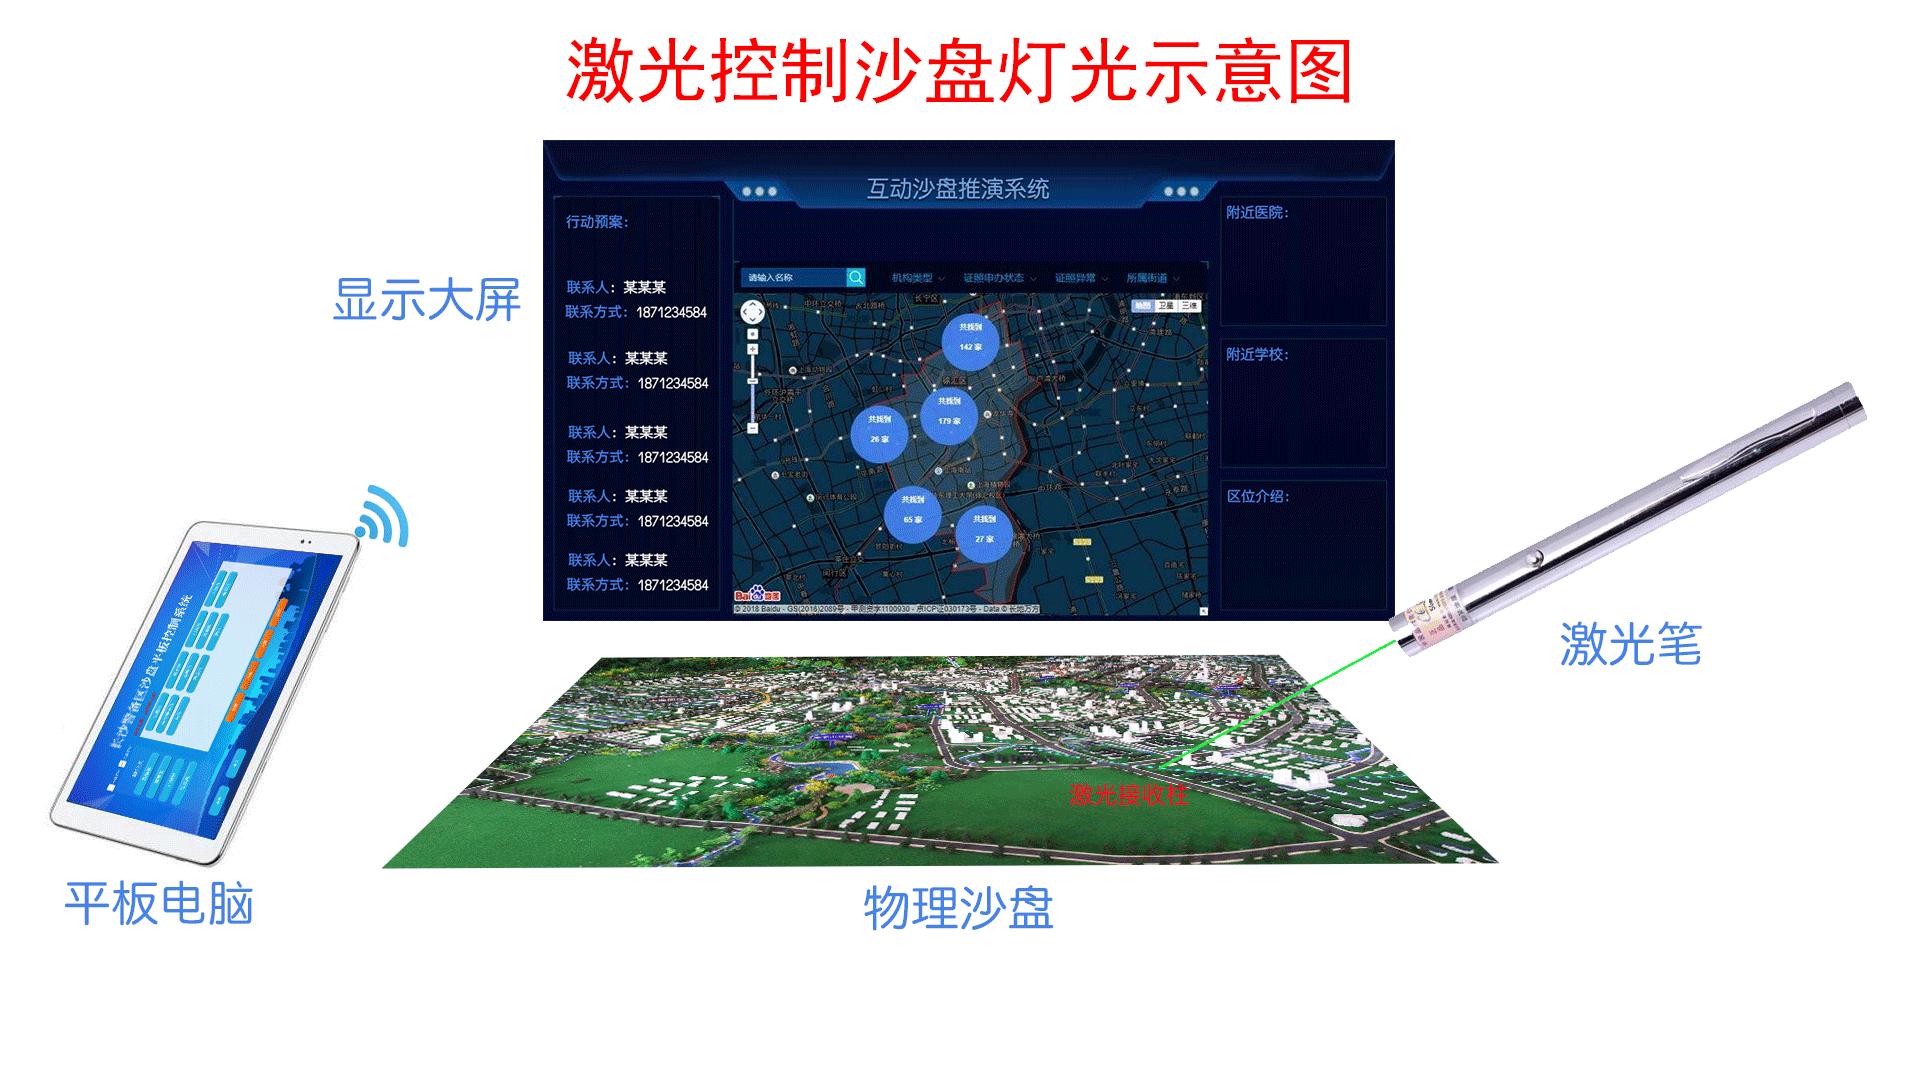 【模型公司】激光笔控制沙盘灯光开关解决方案